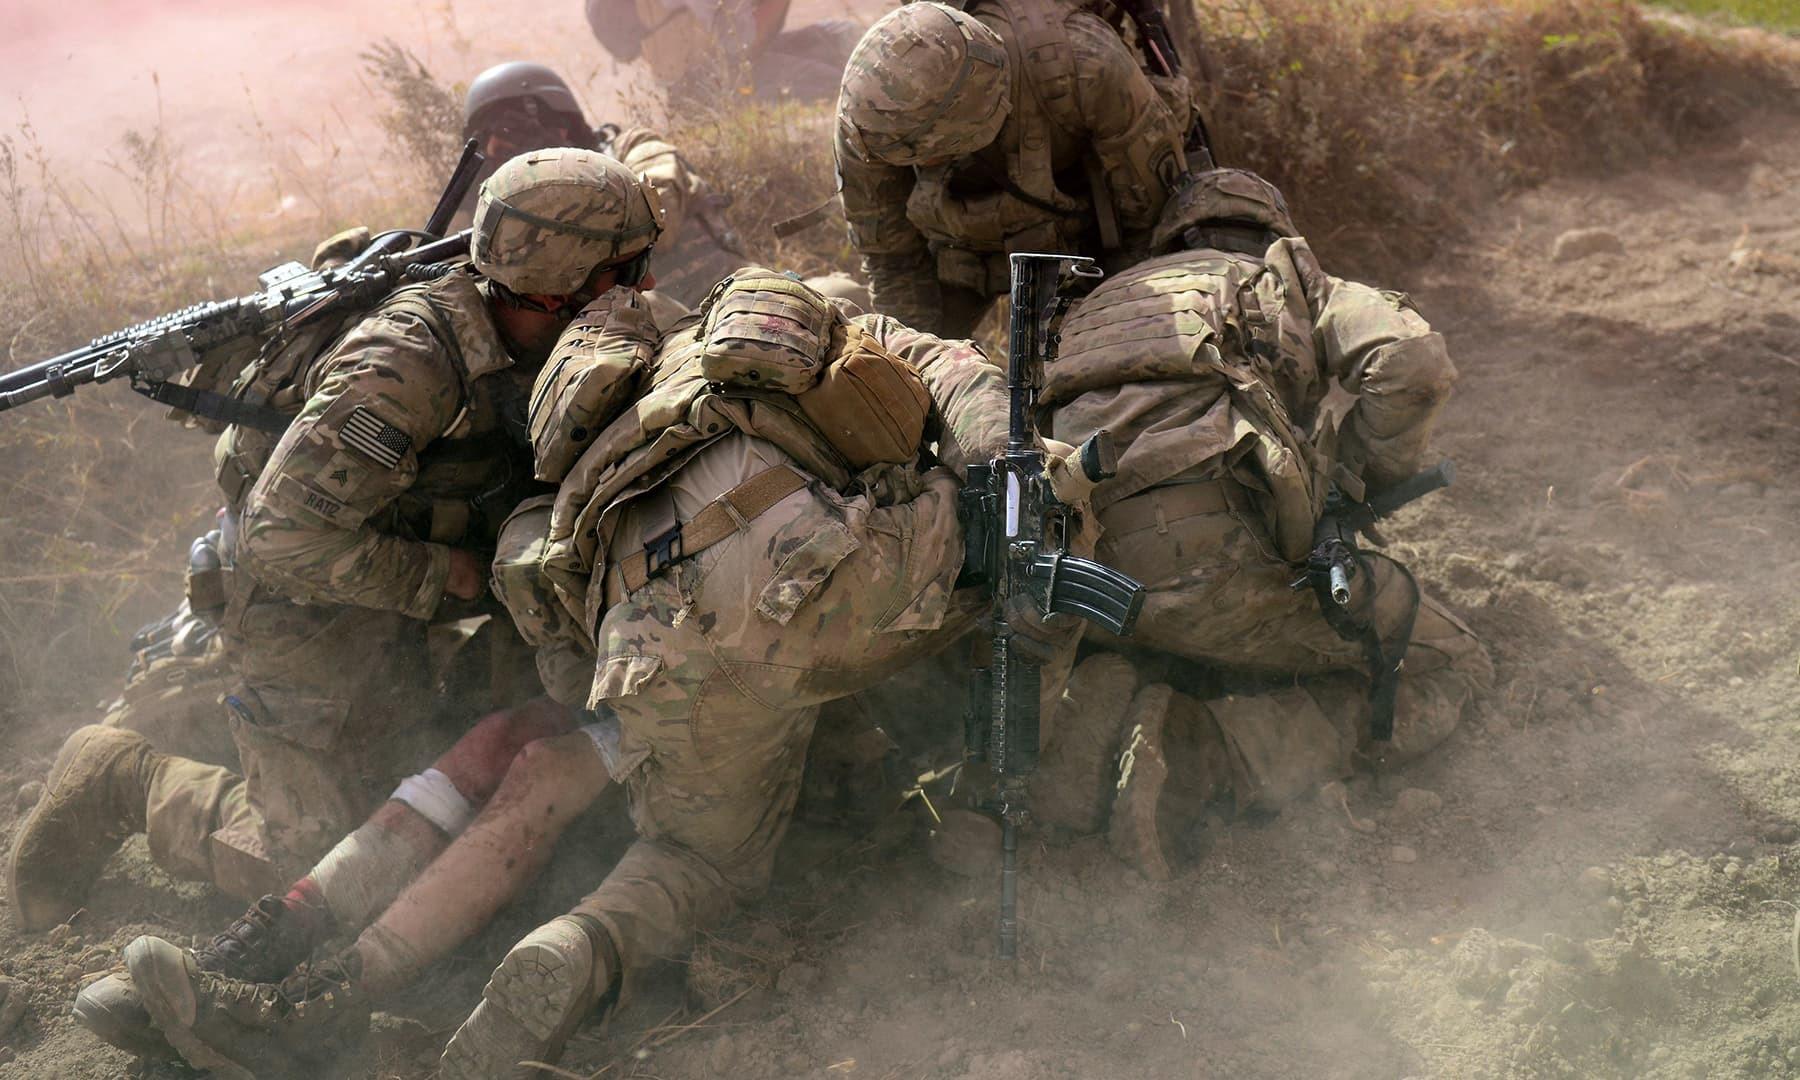 نیٹو اتحاد کے تحت افغانستان میں تعینات امریکی فوجی 13 اکتوبر 2012 کو لوگر صوبے میں دھماکے میں زخمی ہوا—فائل/فوٹو:اے ایف پی